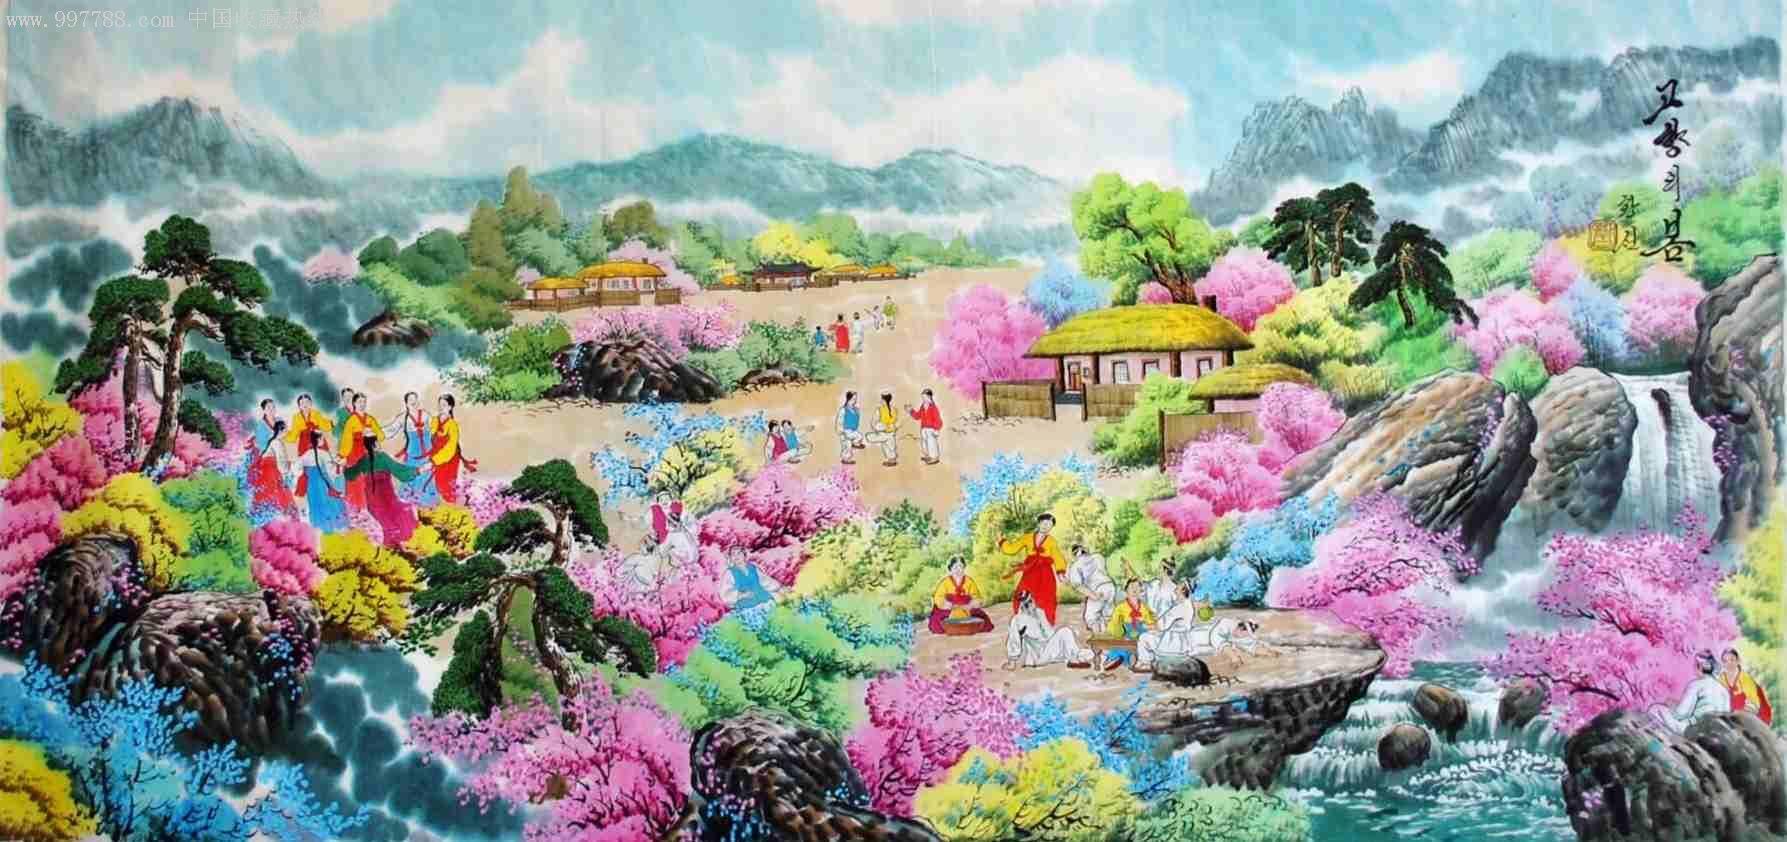 朝鲜民俗画_第3张图片